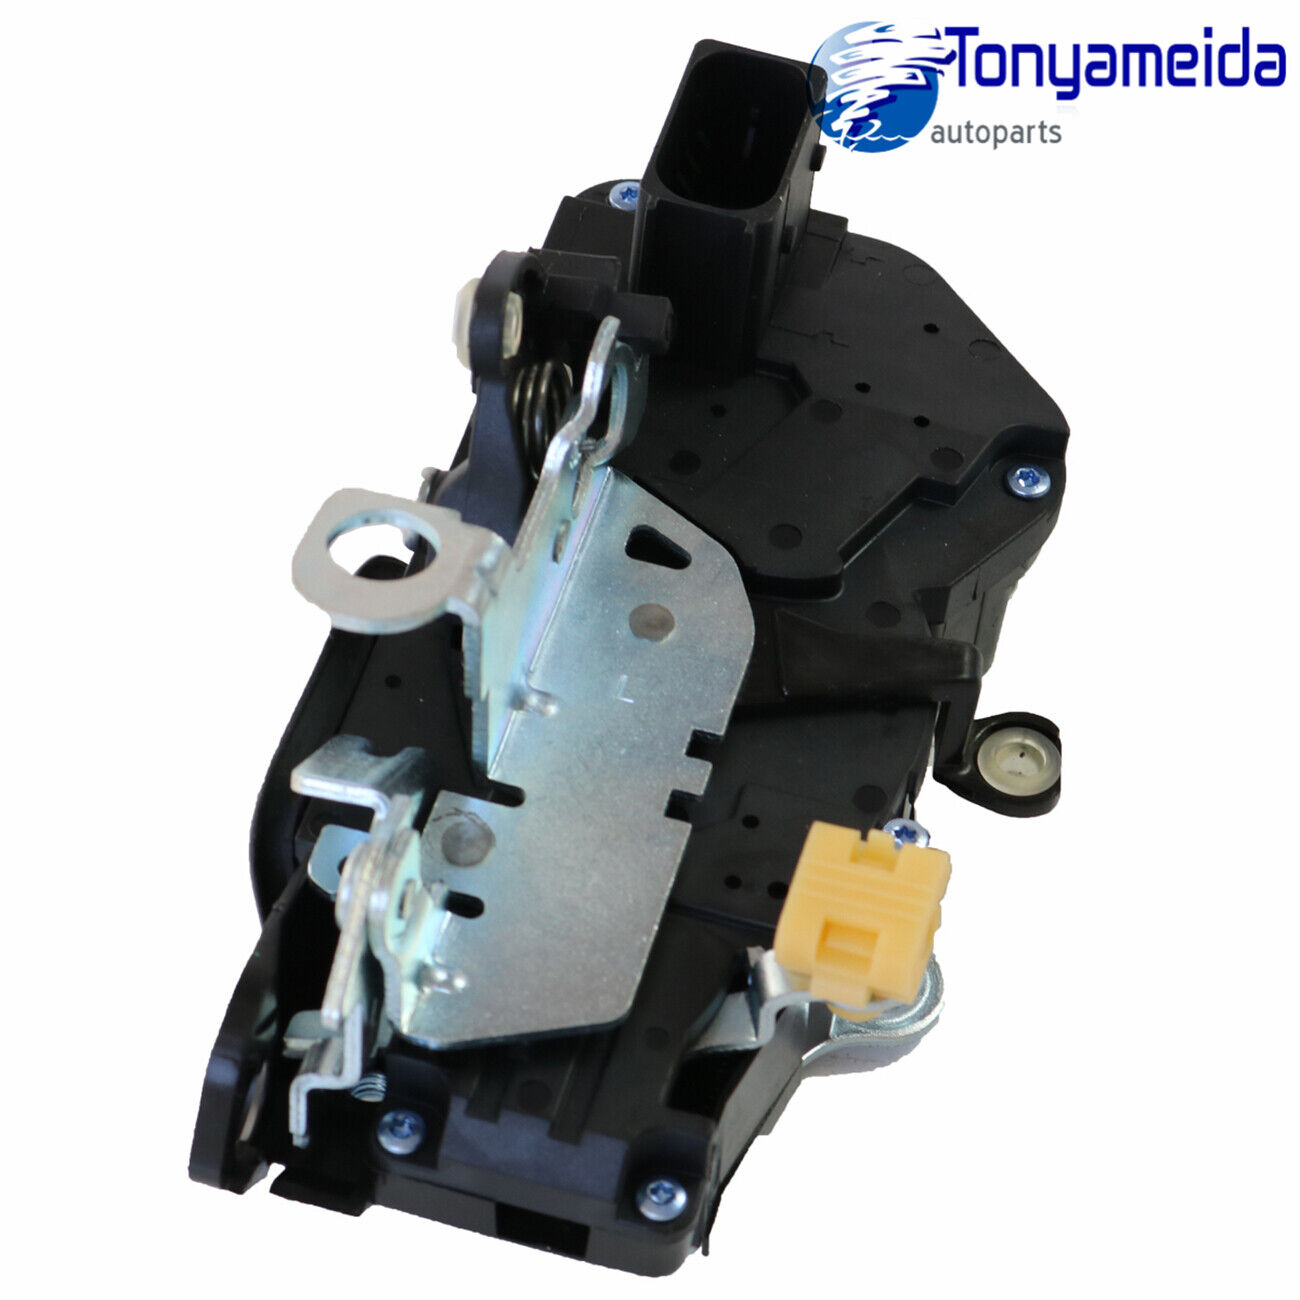 25945752 Power Door Lock Actuator Front Left 08-09 TAHOE YUKON 931-303 USA